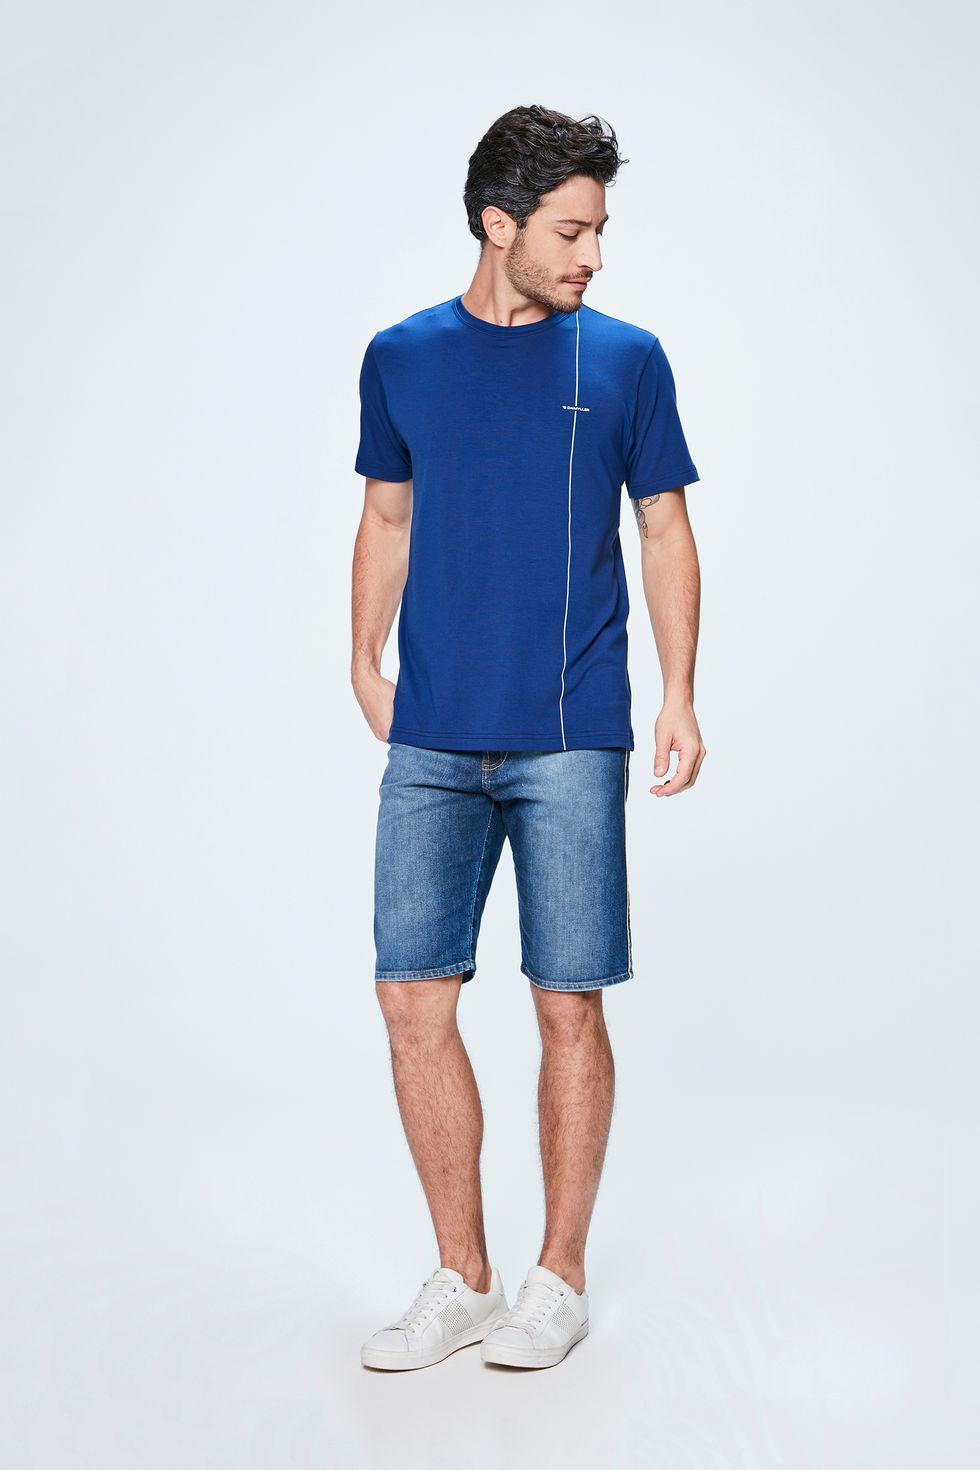 Look-Casual-Camiseta-com-Listra